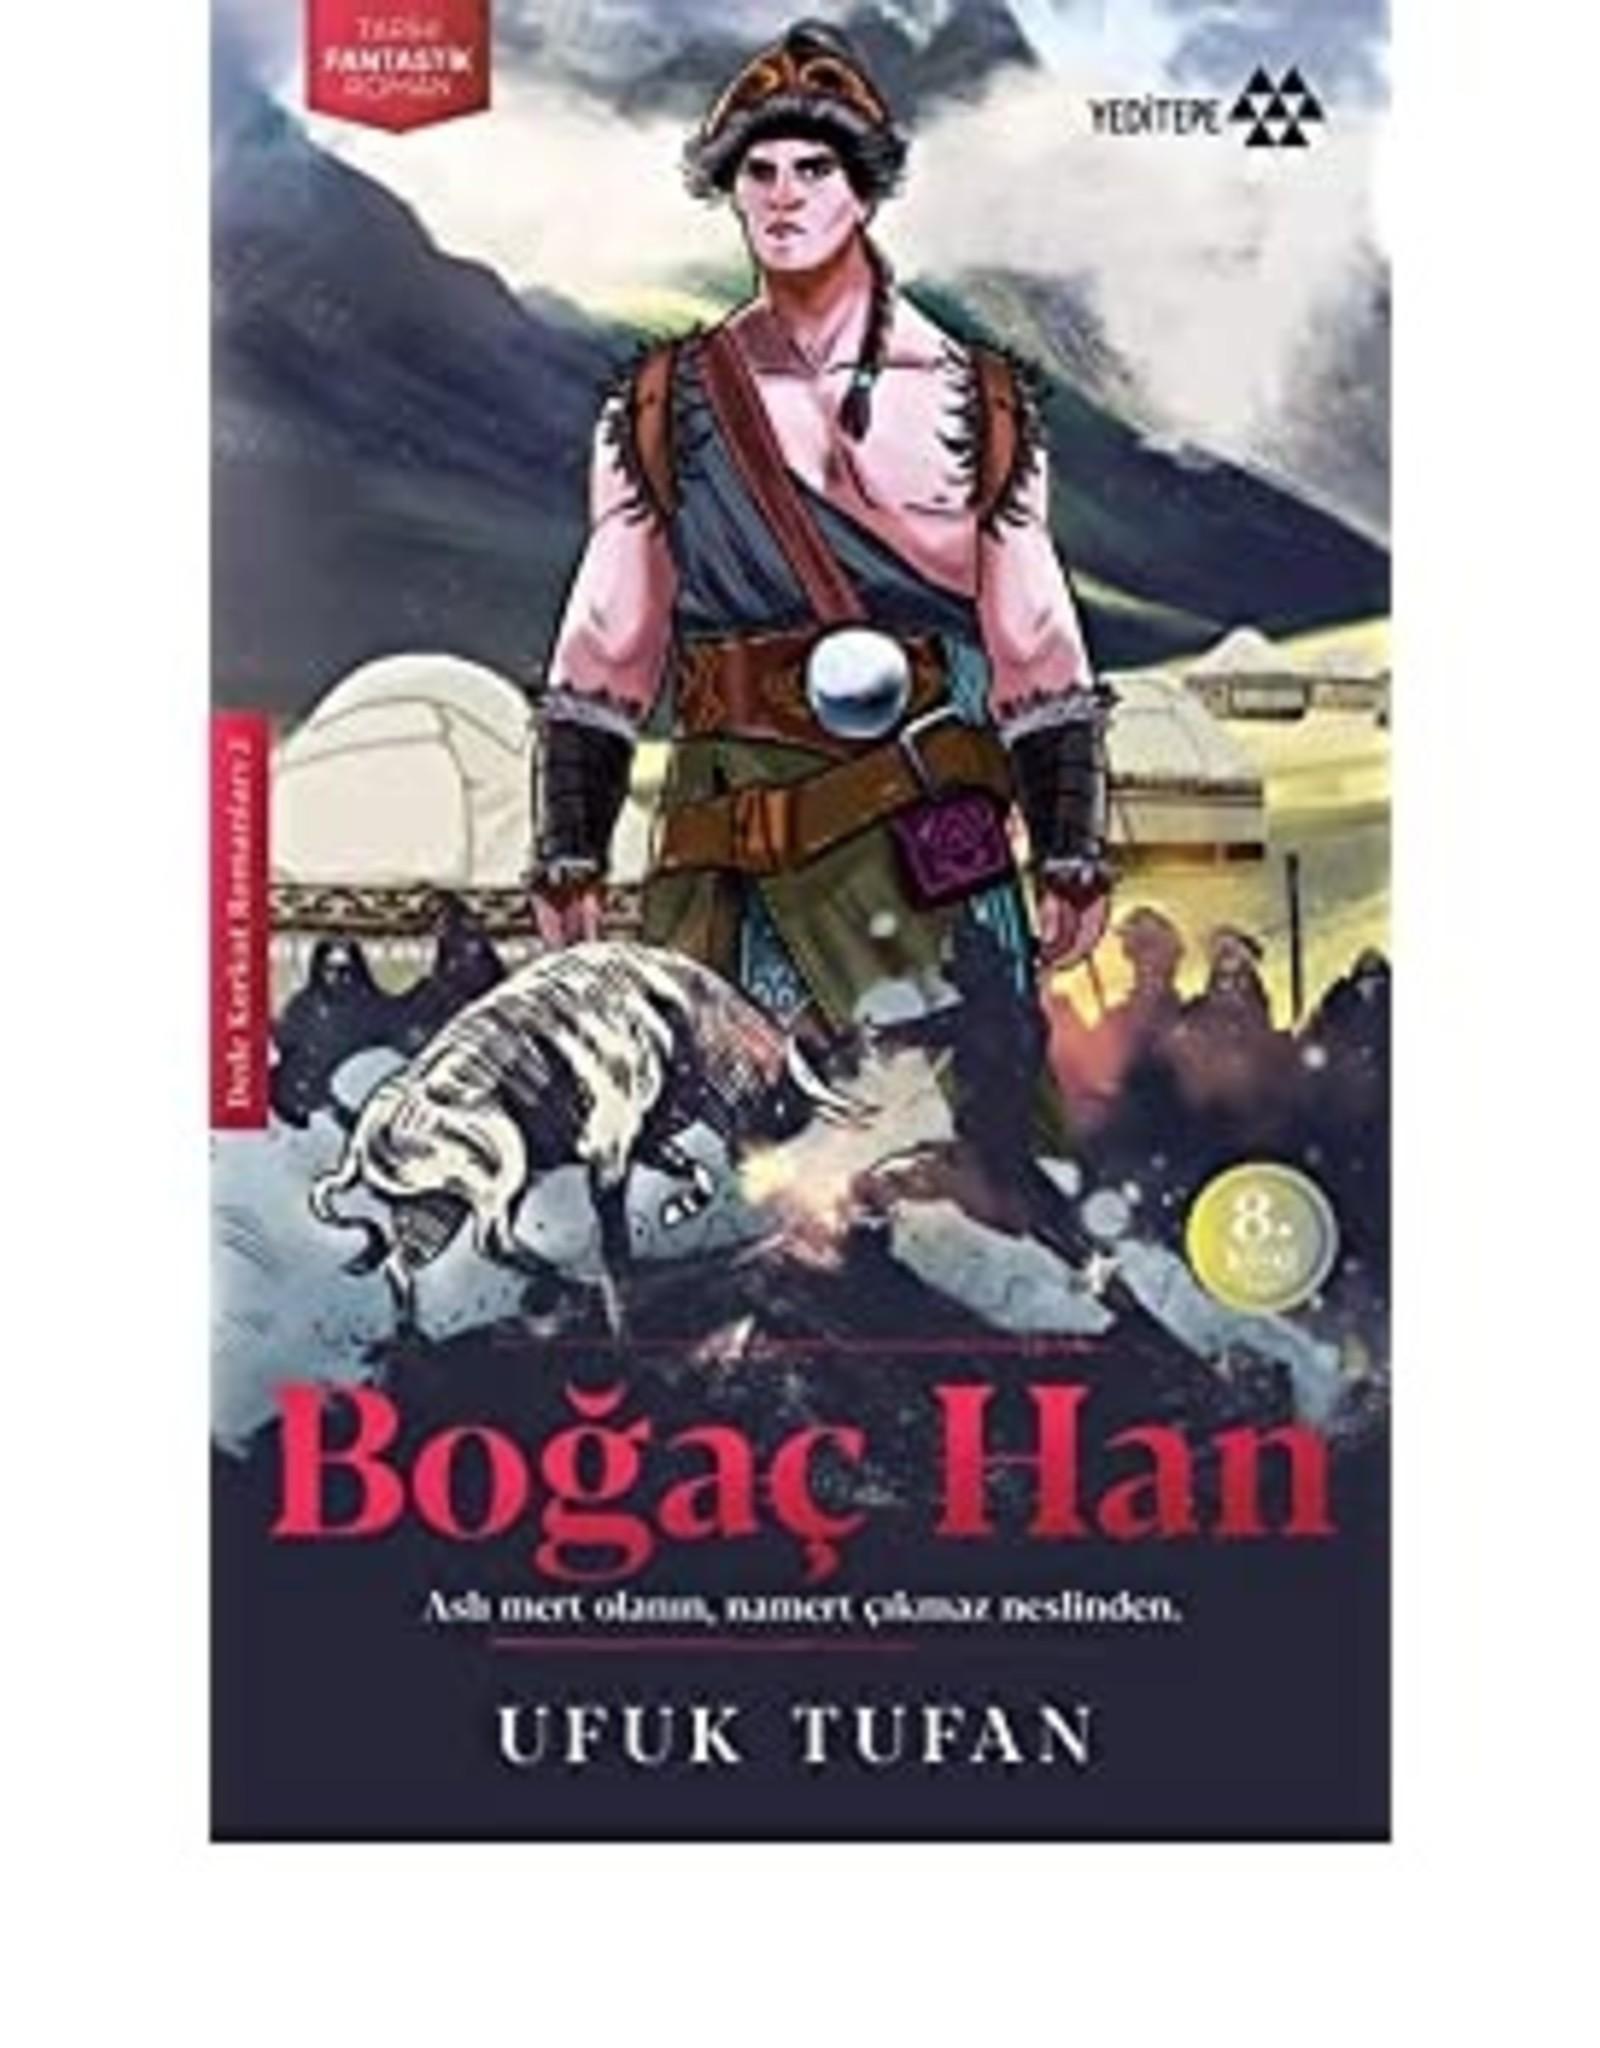 Boğaç Han Aslı Mert Olanın, Namert Çıkmaz Neslinden